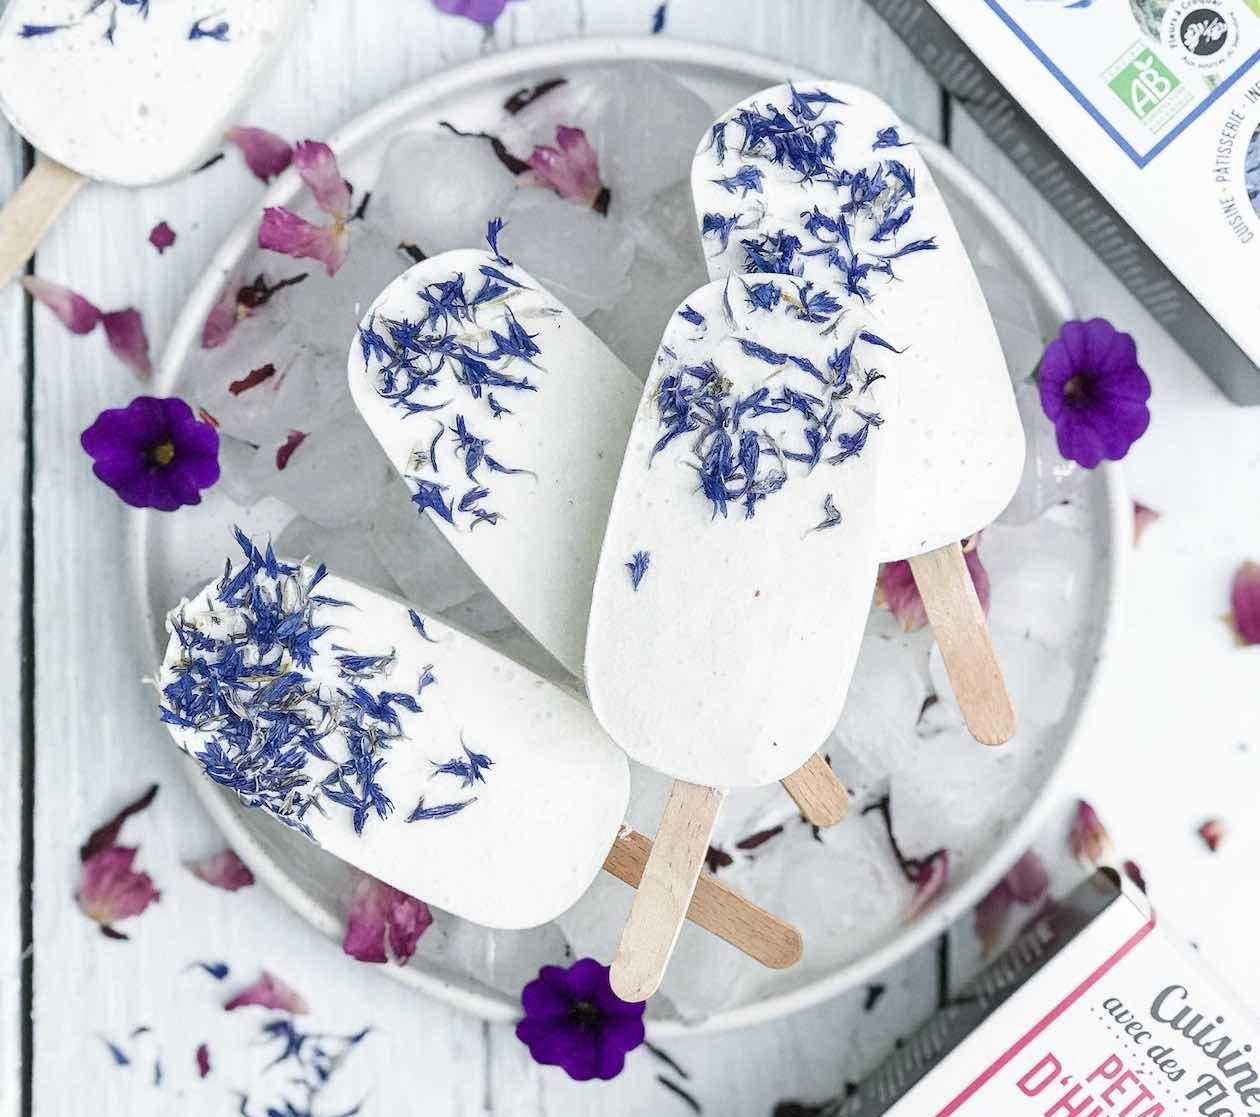 kokosijs recept - kokosijs maken - kokosijs recepten - kokosijs zelf maken - ijs met eetbare bloemen - ijsje met eetbare bloemen